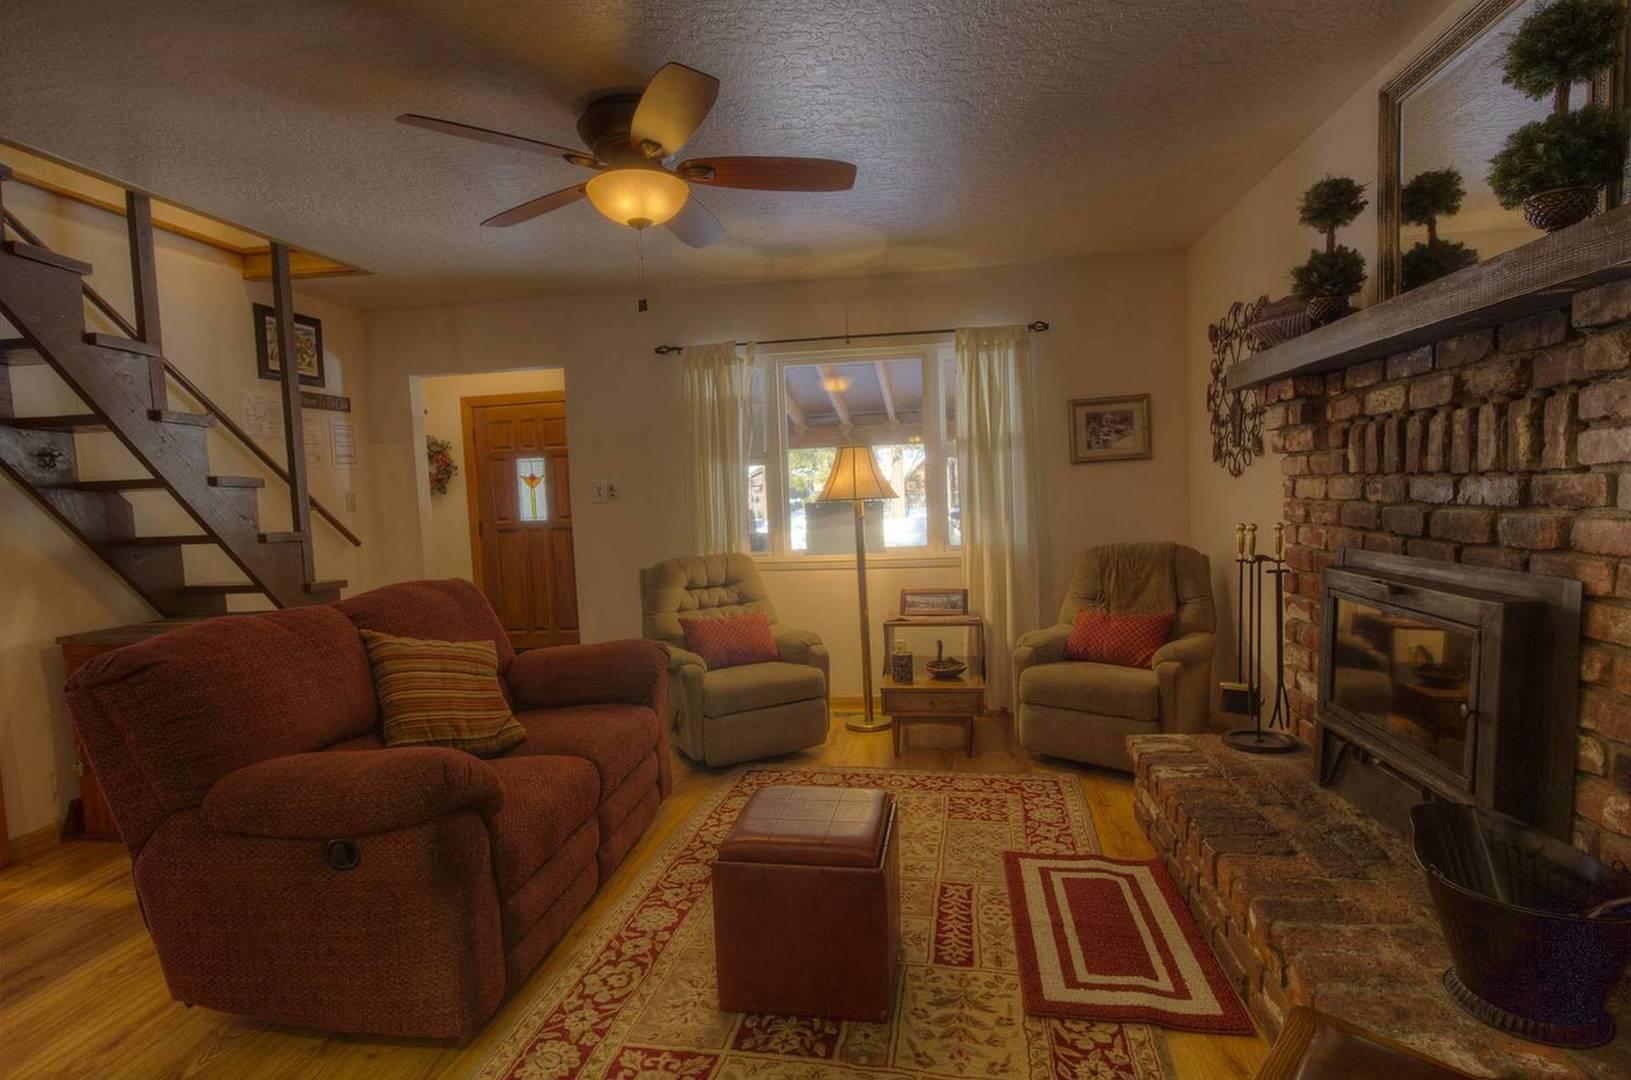 cyh0840 living room